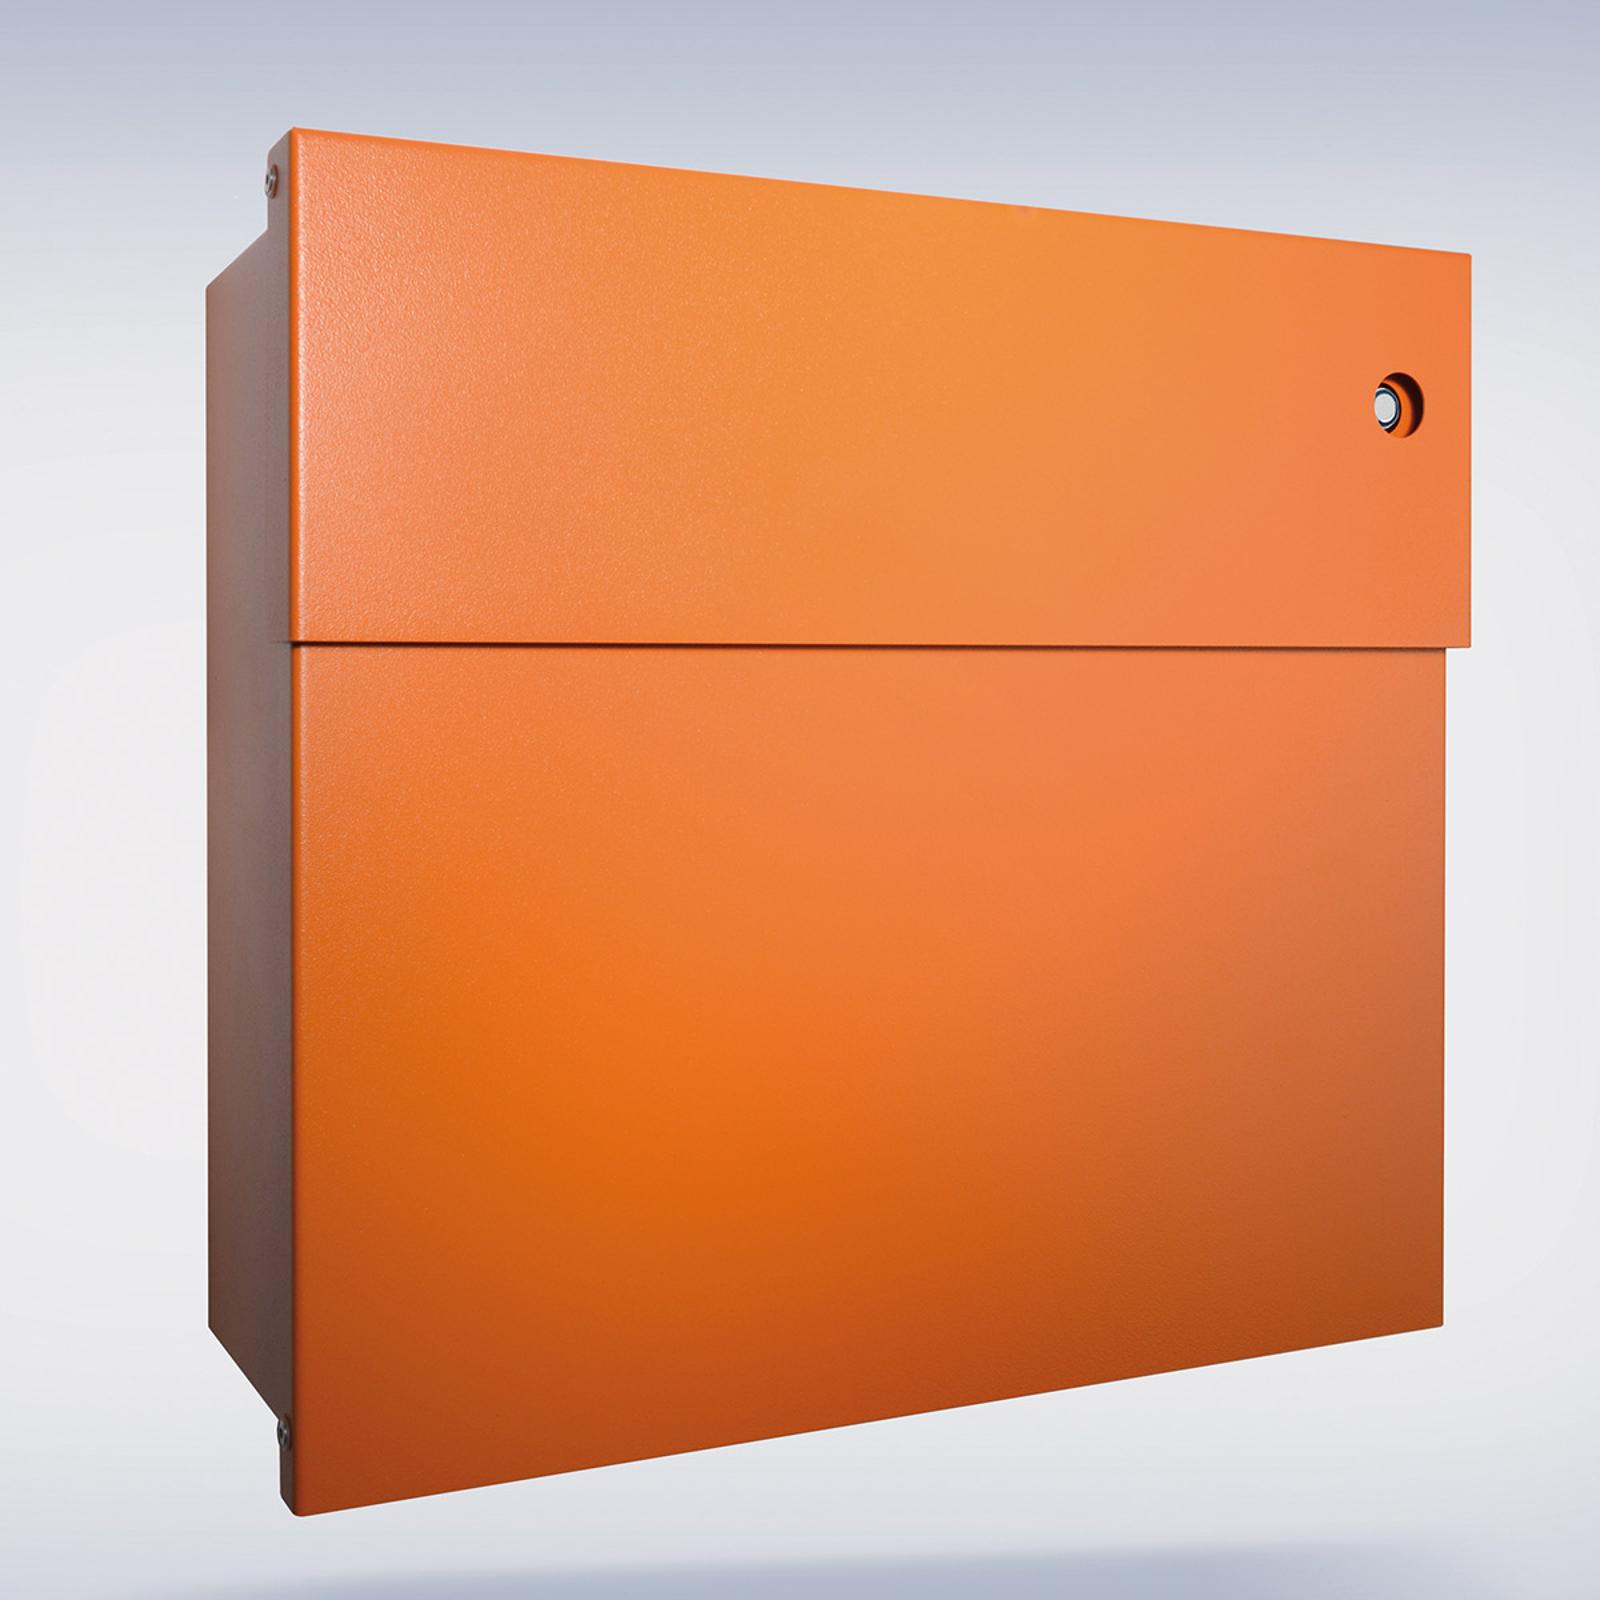 Schránka Letterman IV, modrý zvonek, oranžová